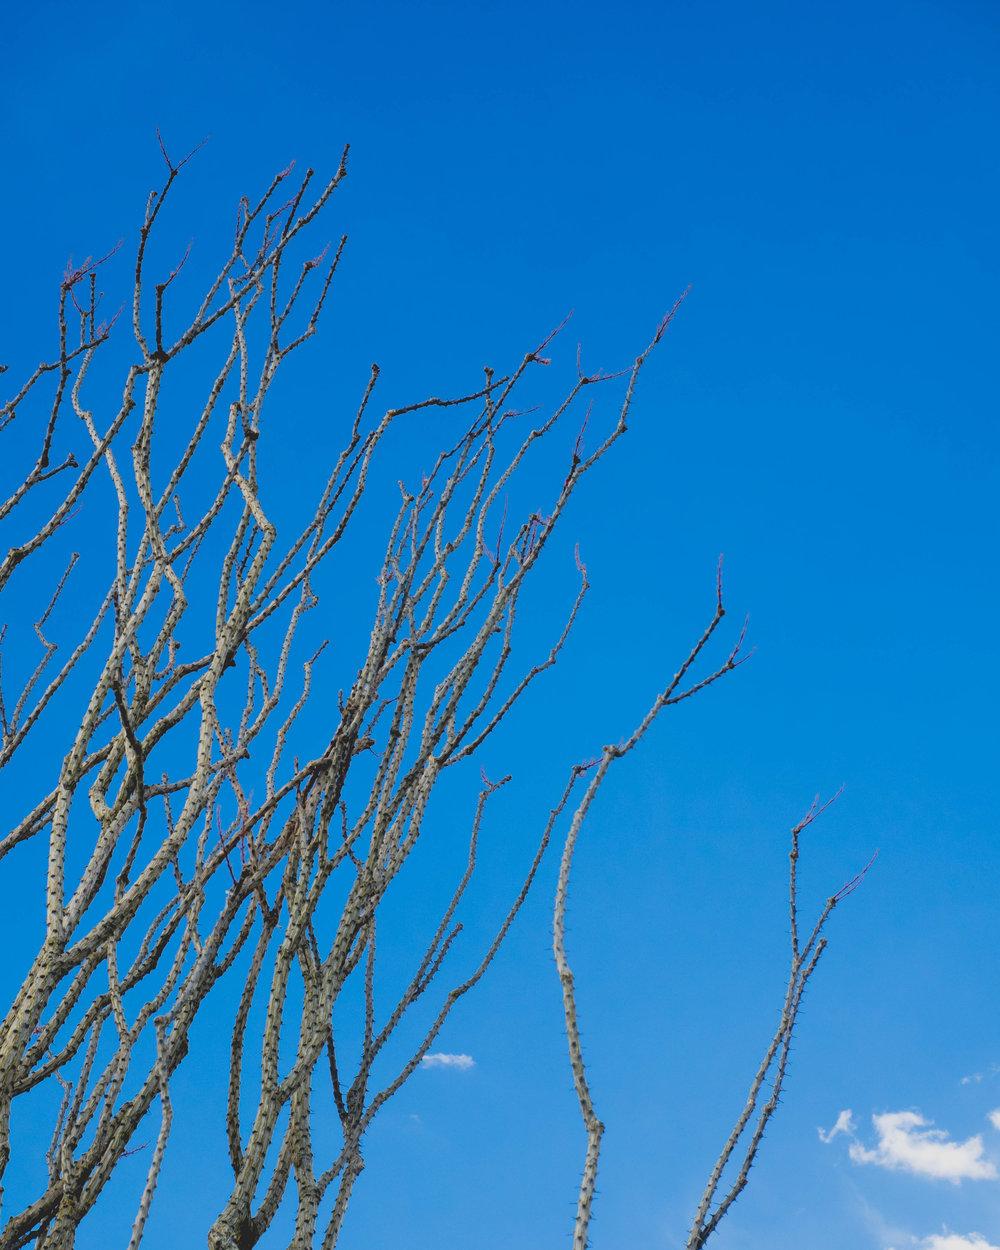 ocotillo branches.